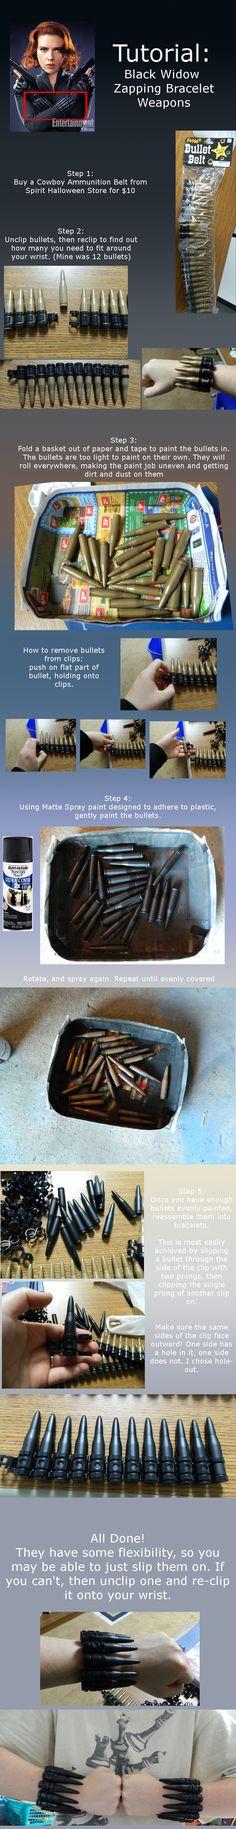 Tutorial: Black Widow Bullet Bracelets